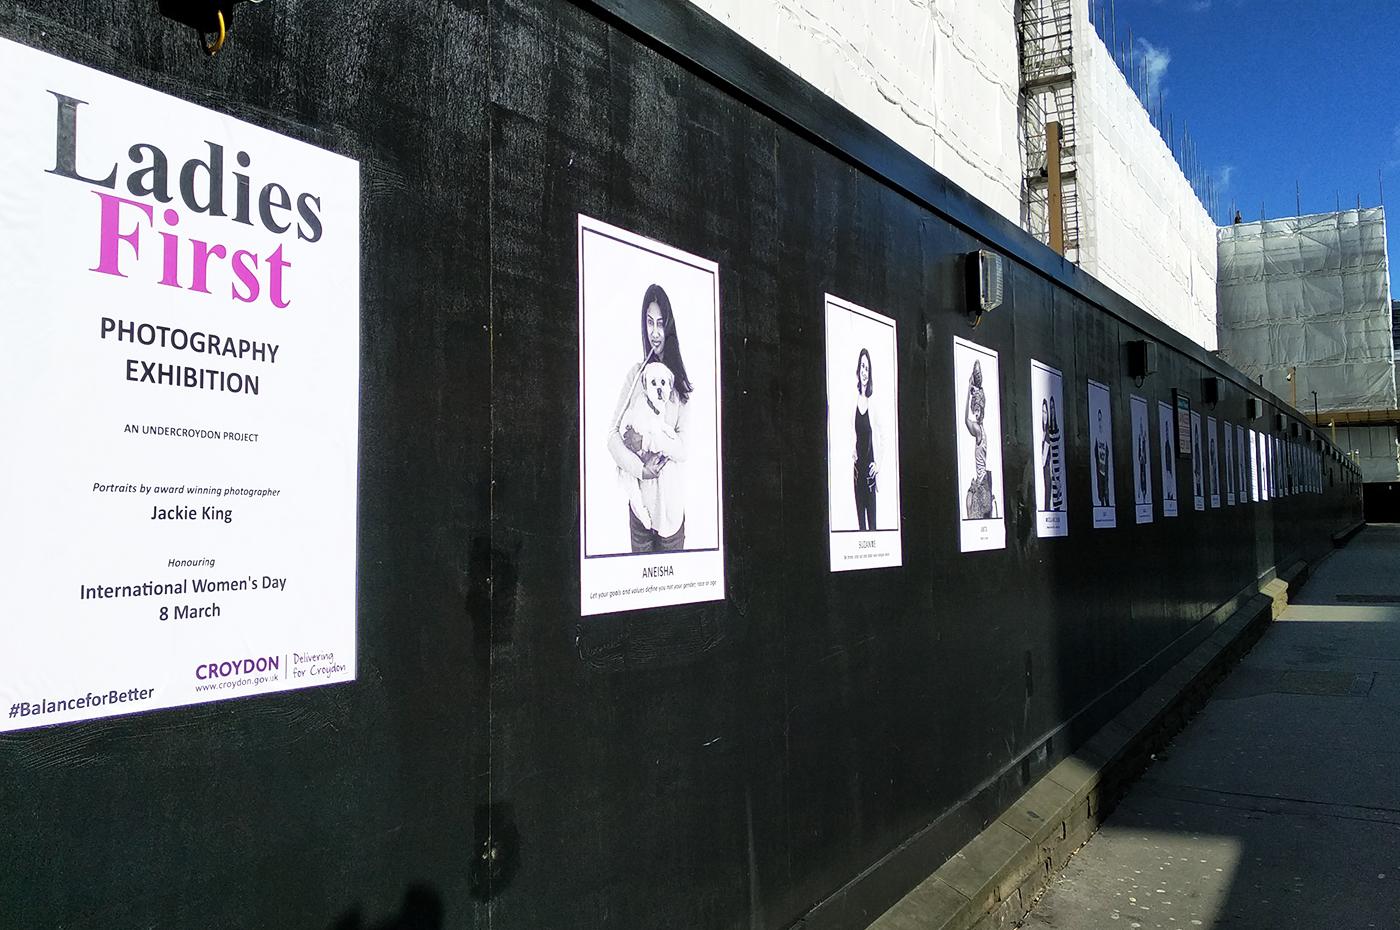 Ladies First Exhibition